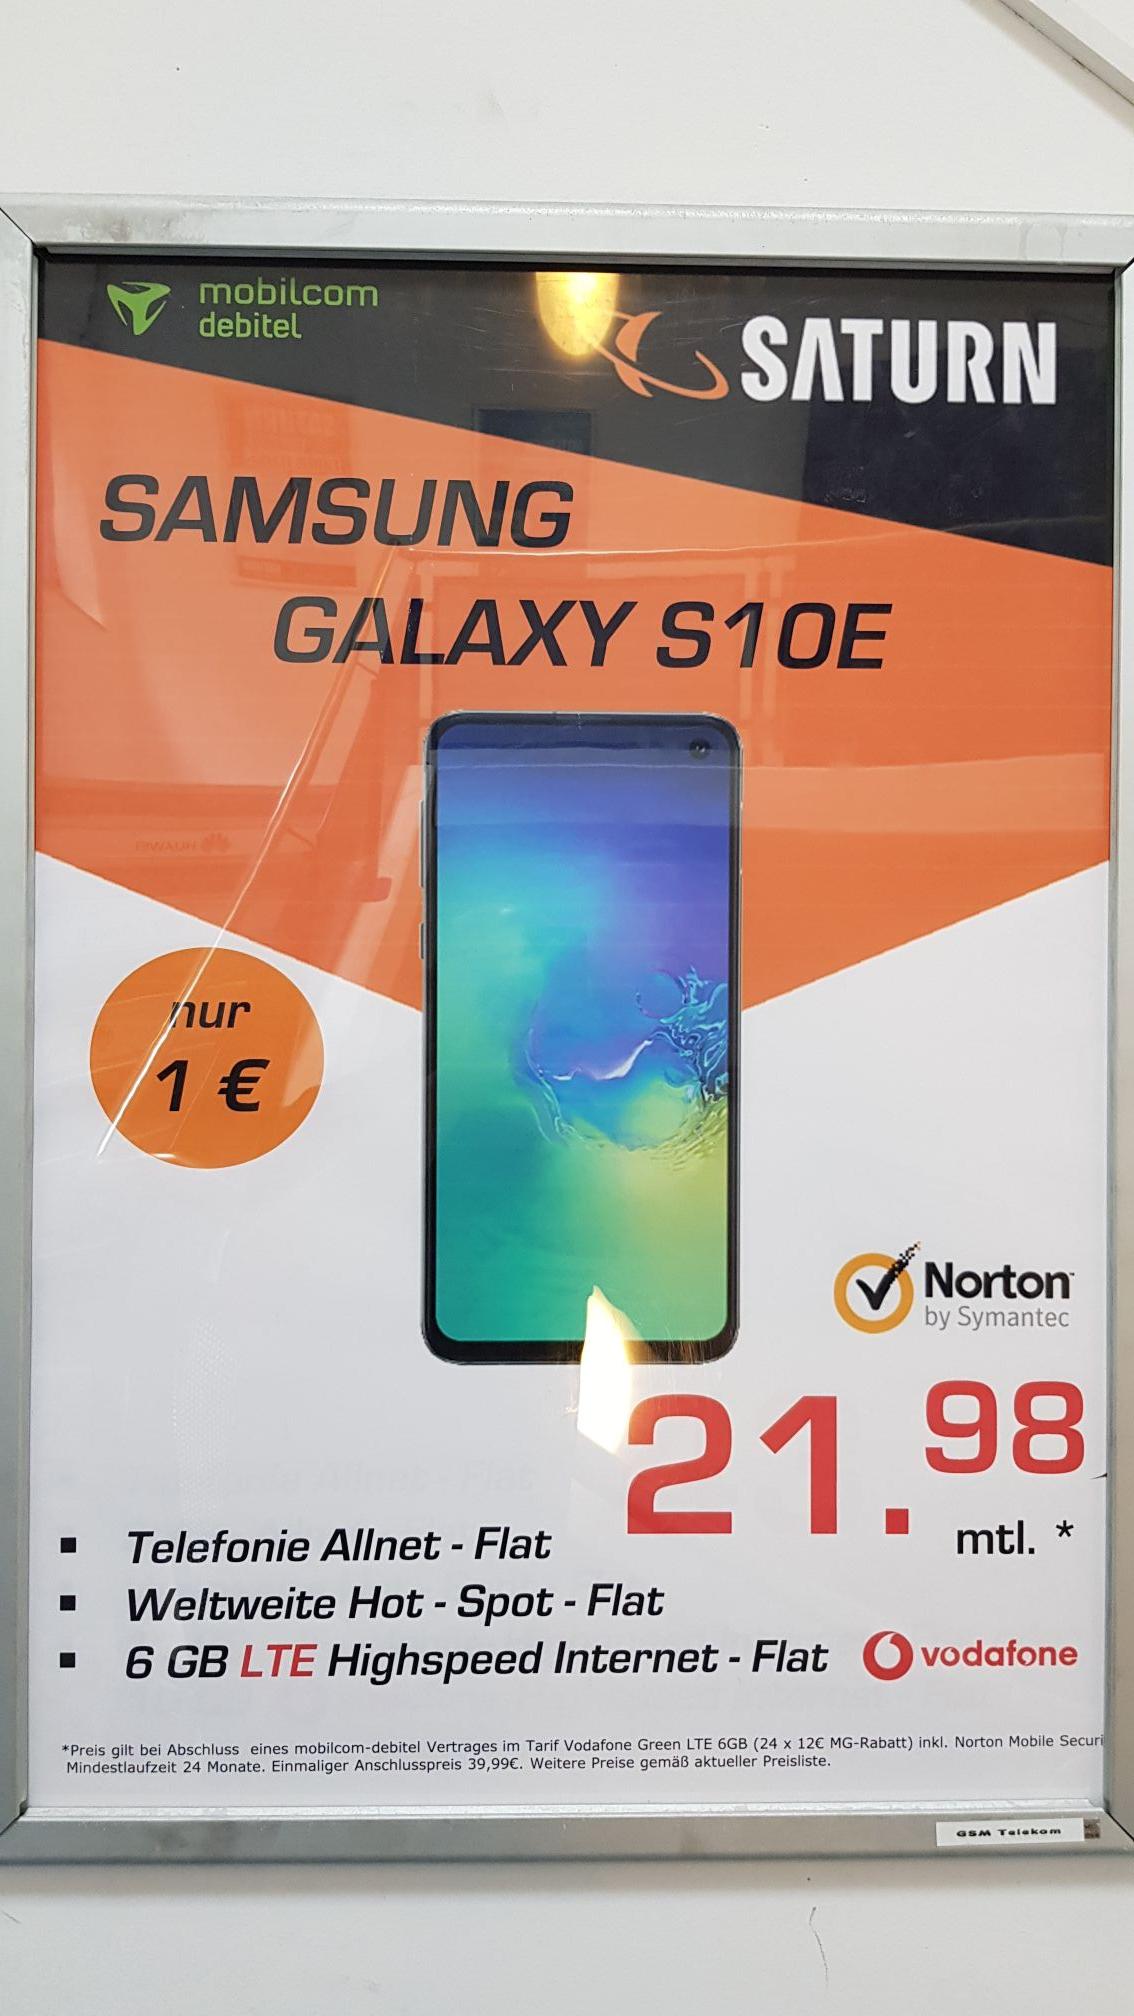 samsung galaxy s10e mit mobilcom debitel vodafone 6gb lte. Black Bedroom Furniture Sets. Home Design Ideas